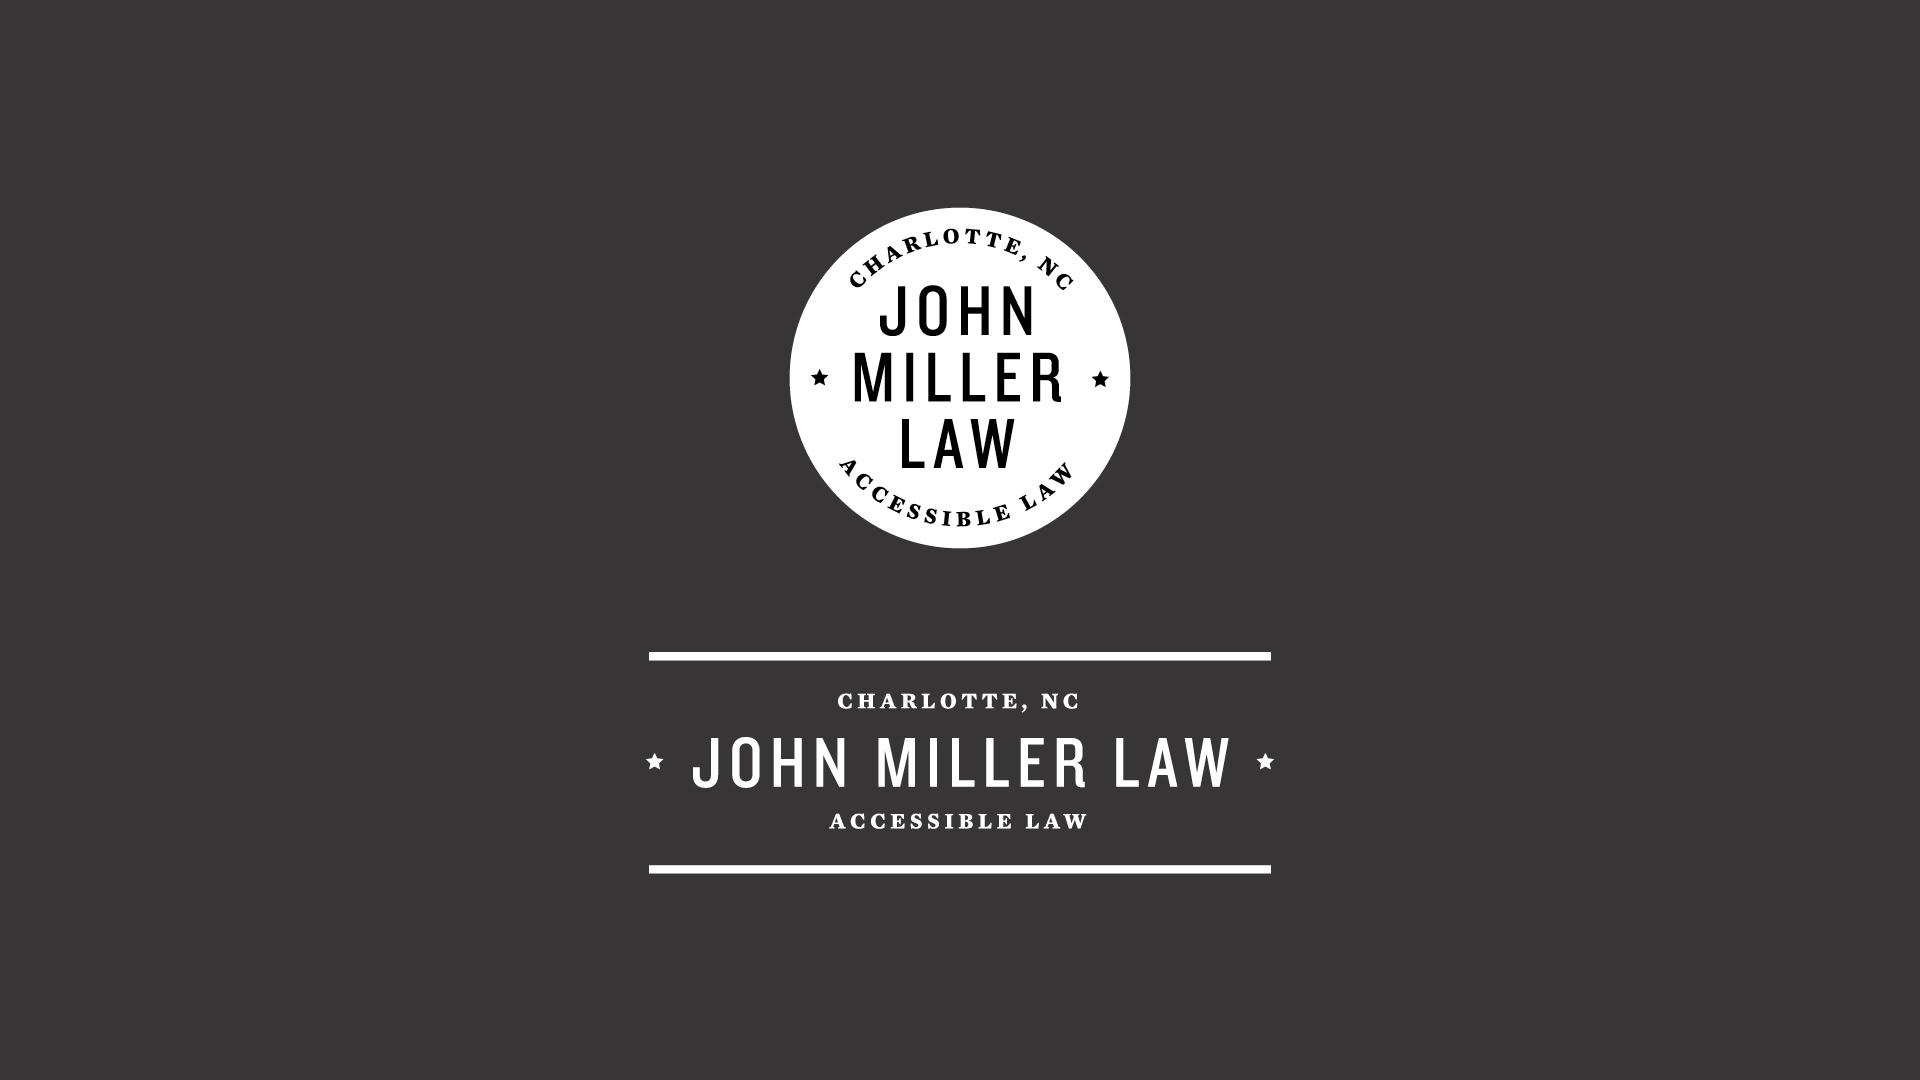 Miller Law3.jpg